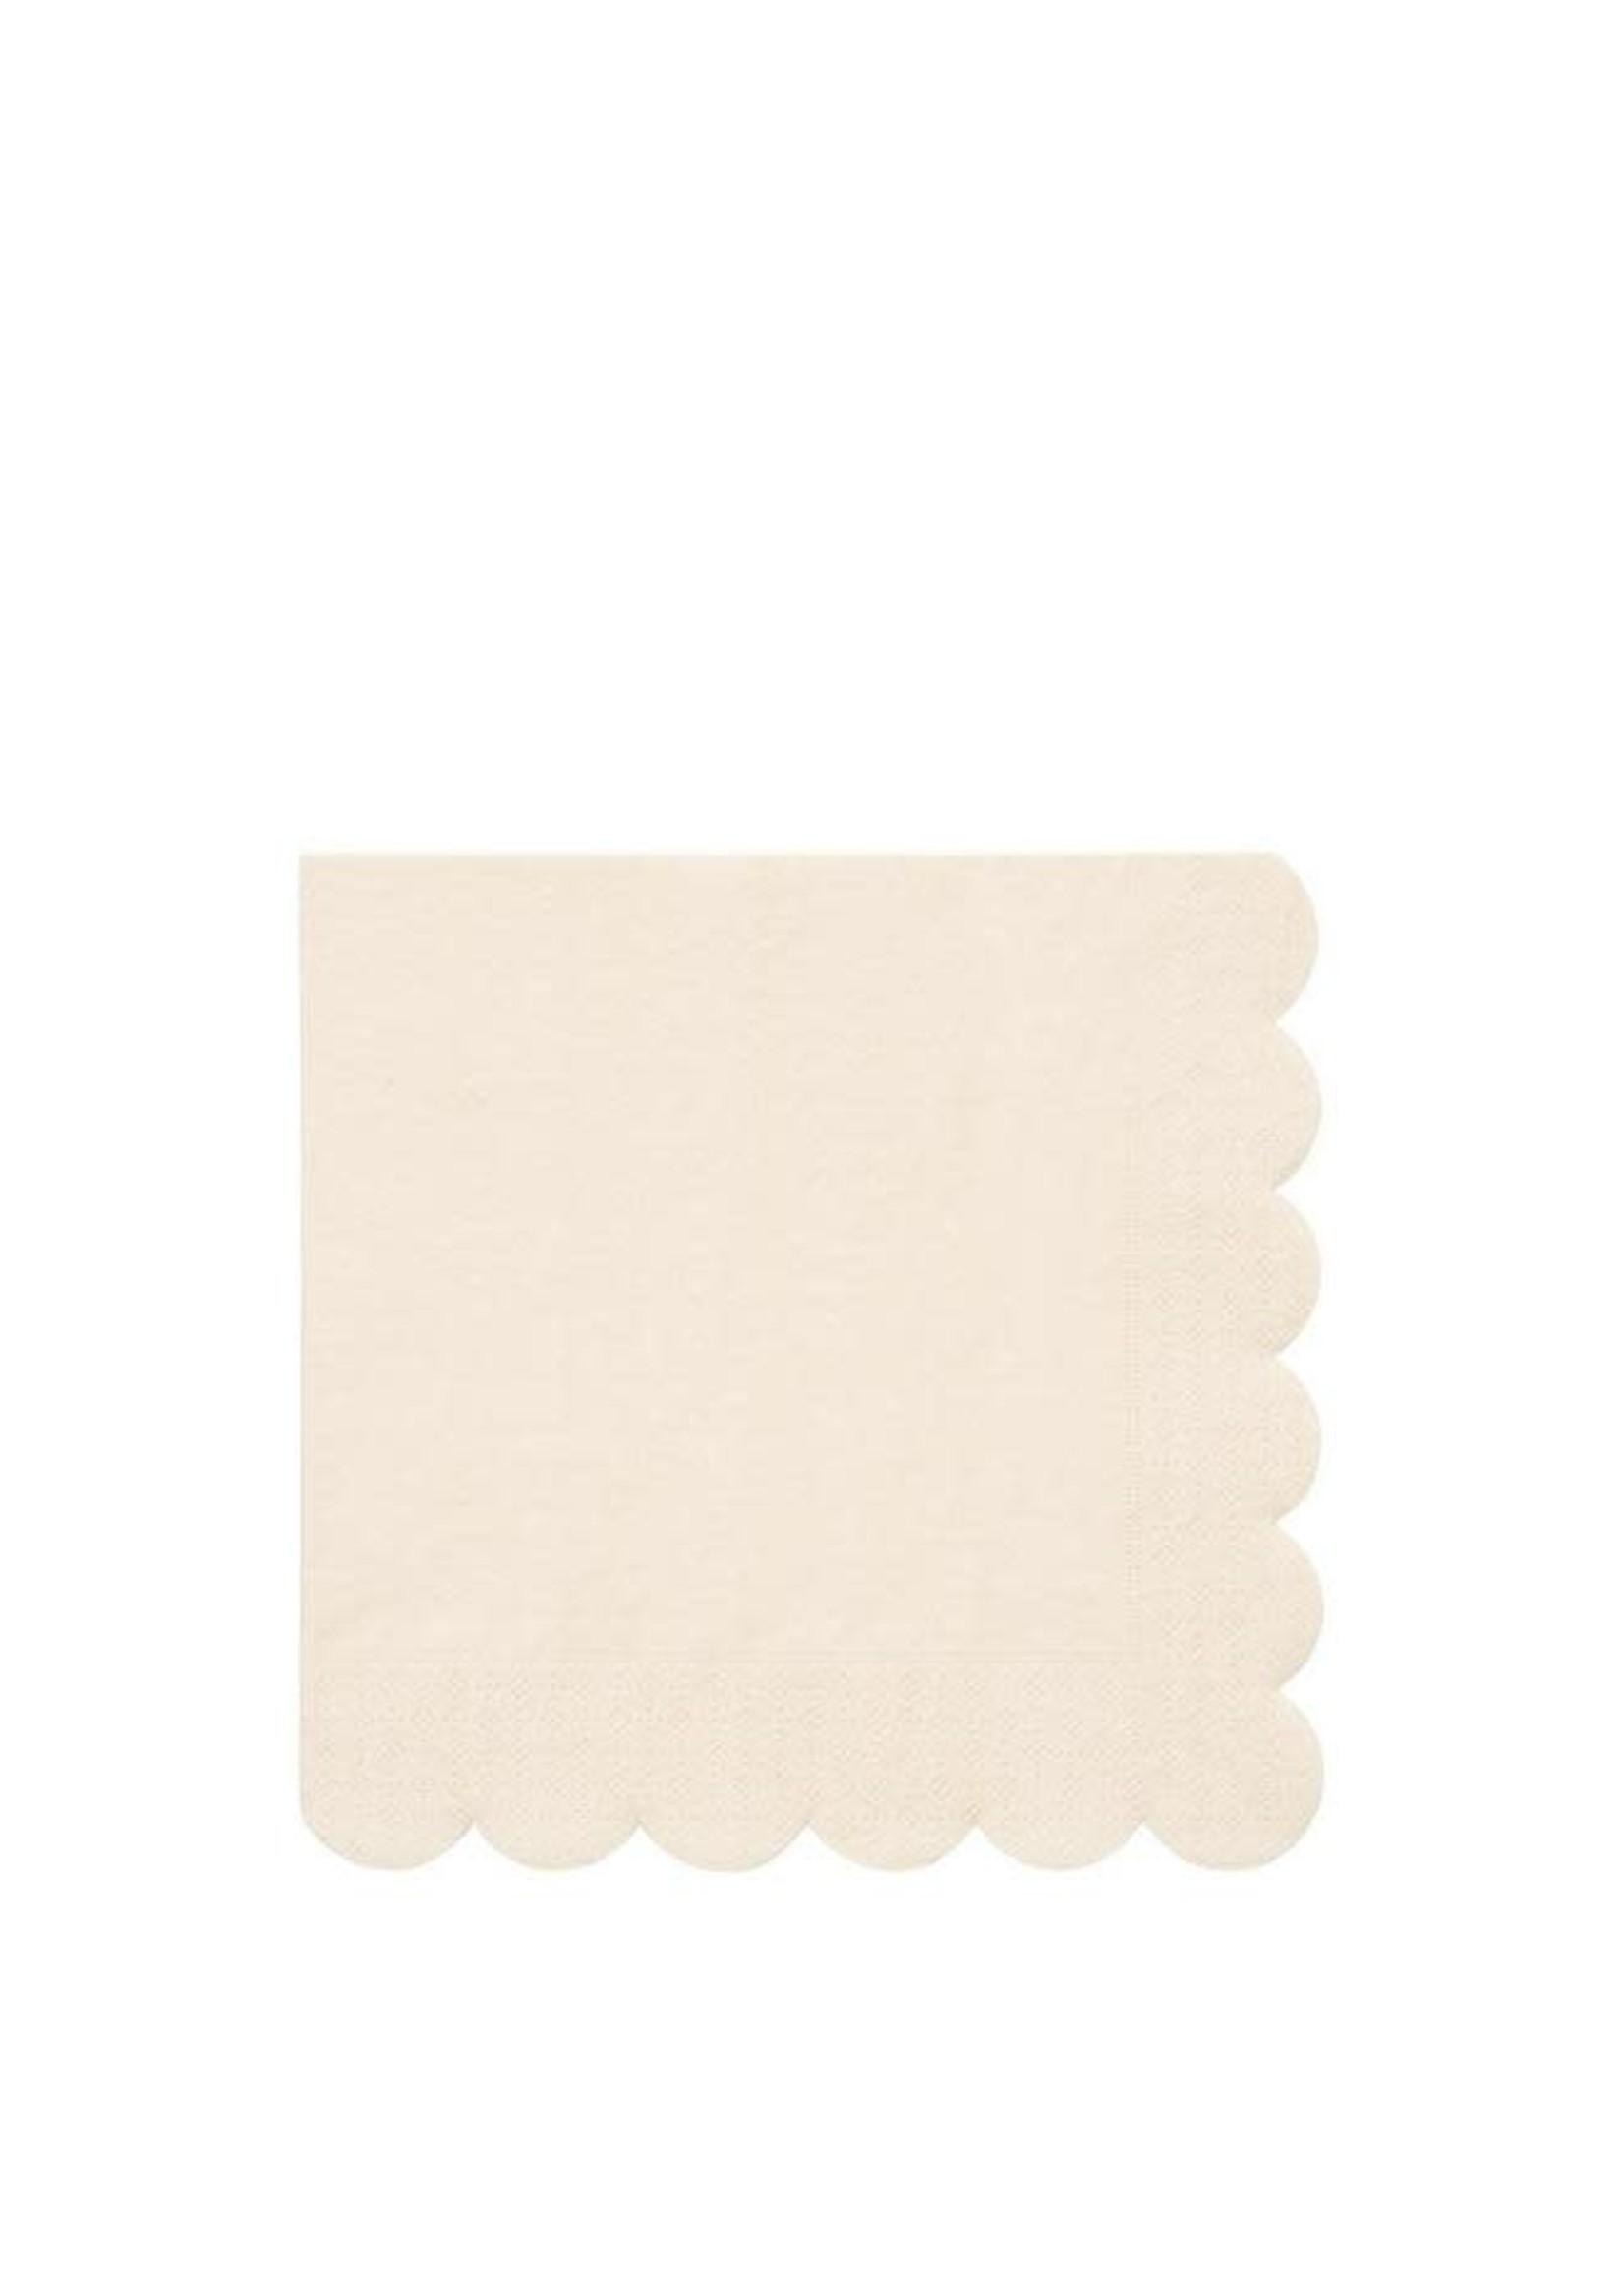 Meri Meri Paper Napkin - Cream Large